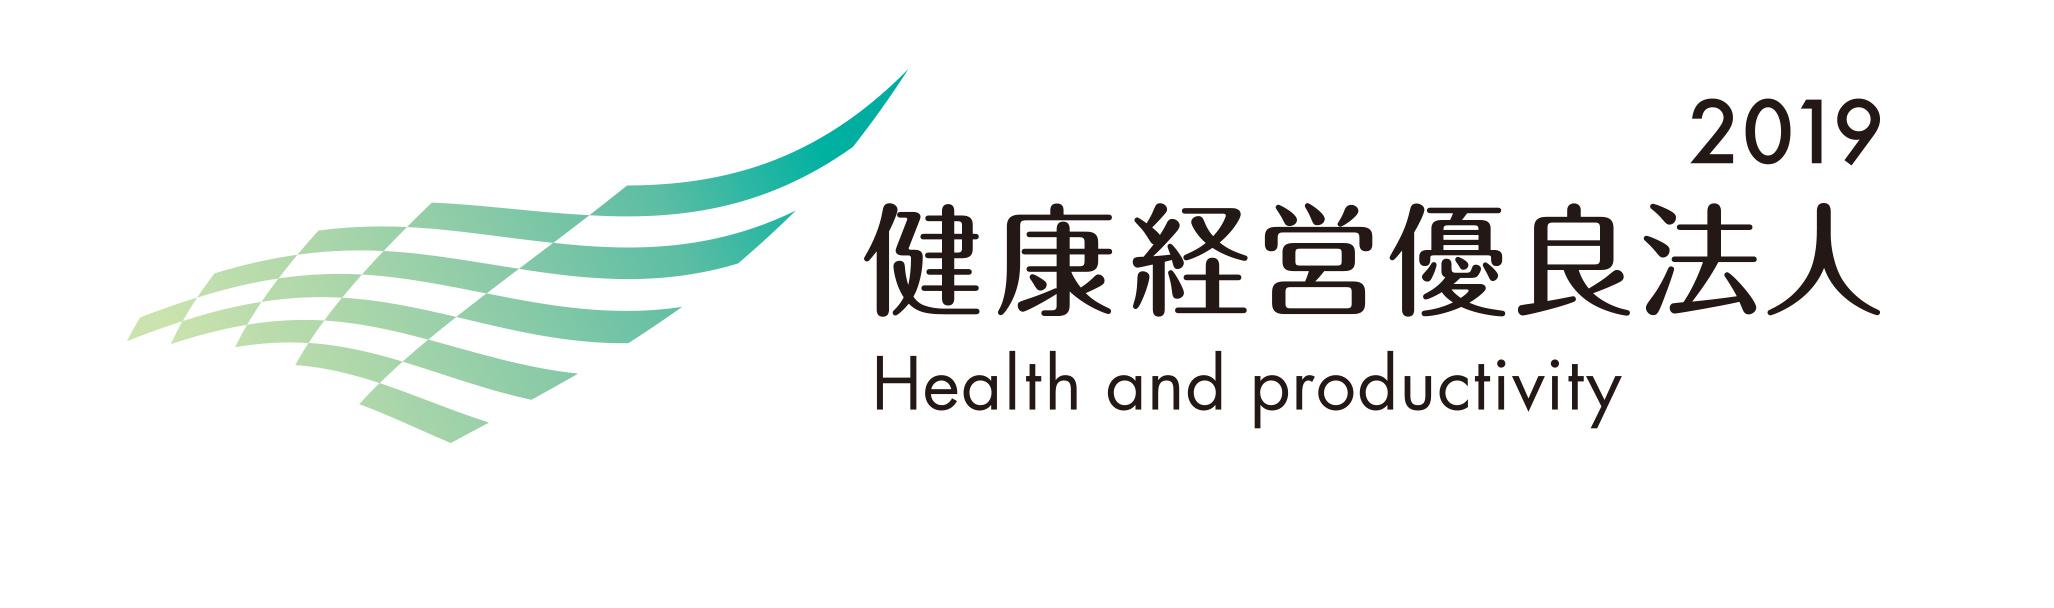 健康経営優良法人2019_中小規模_横.jpg